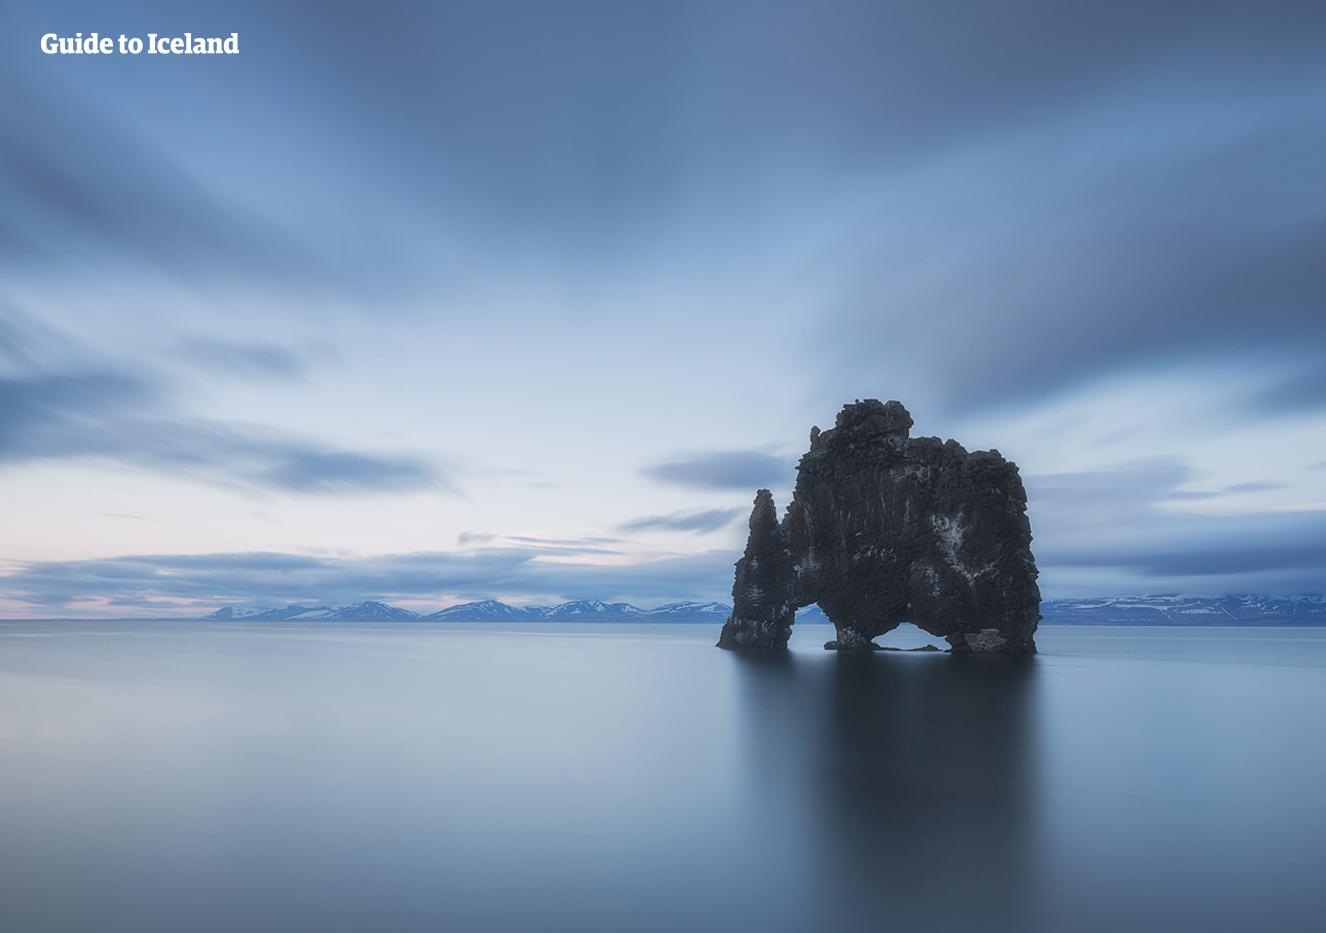 冰岛北部Vatnsnes半岛附近的Hvítserkur象鼻石在冰岛夏季的多彩天空中更具魅力